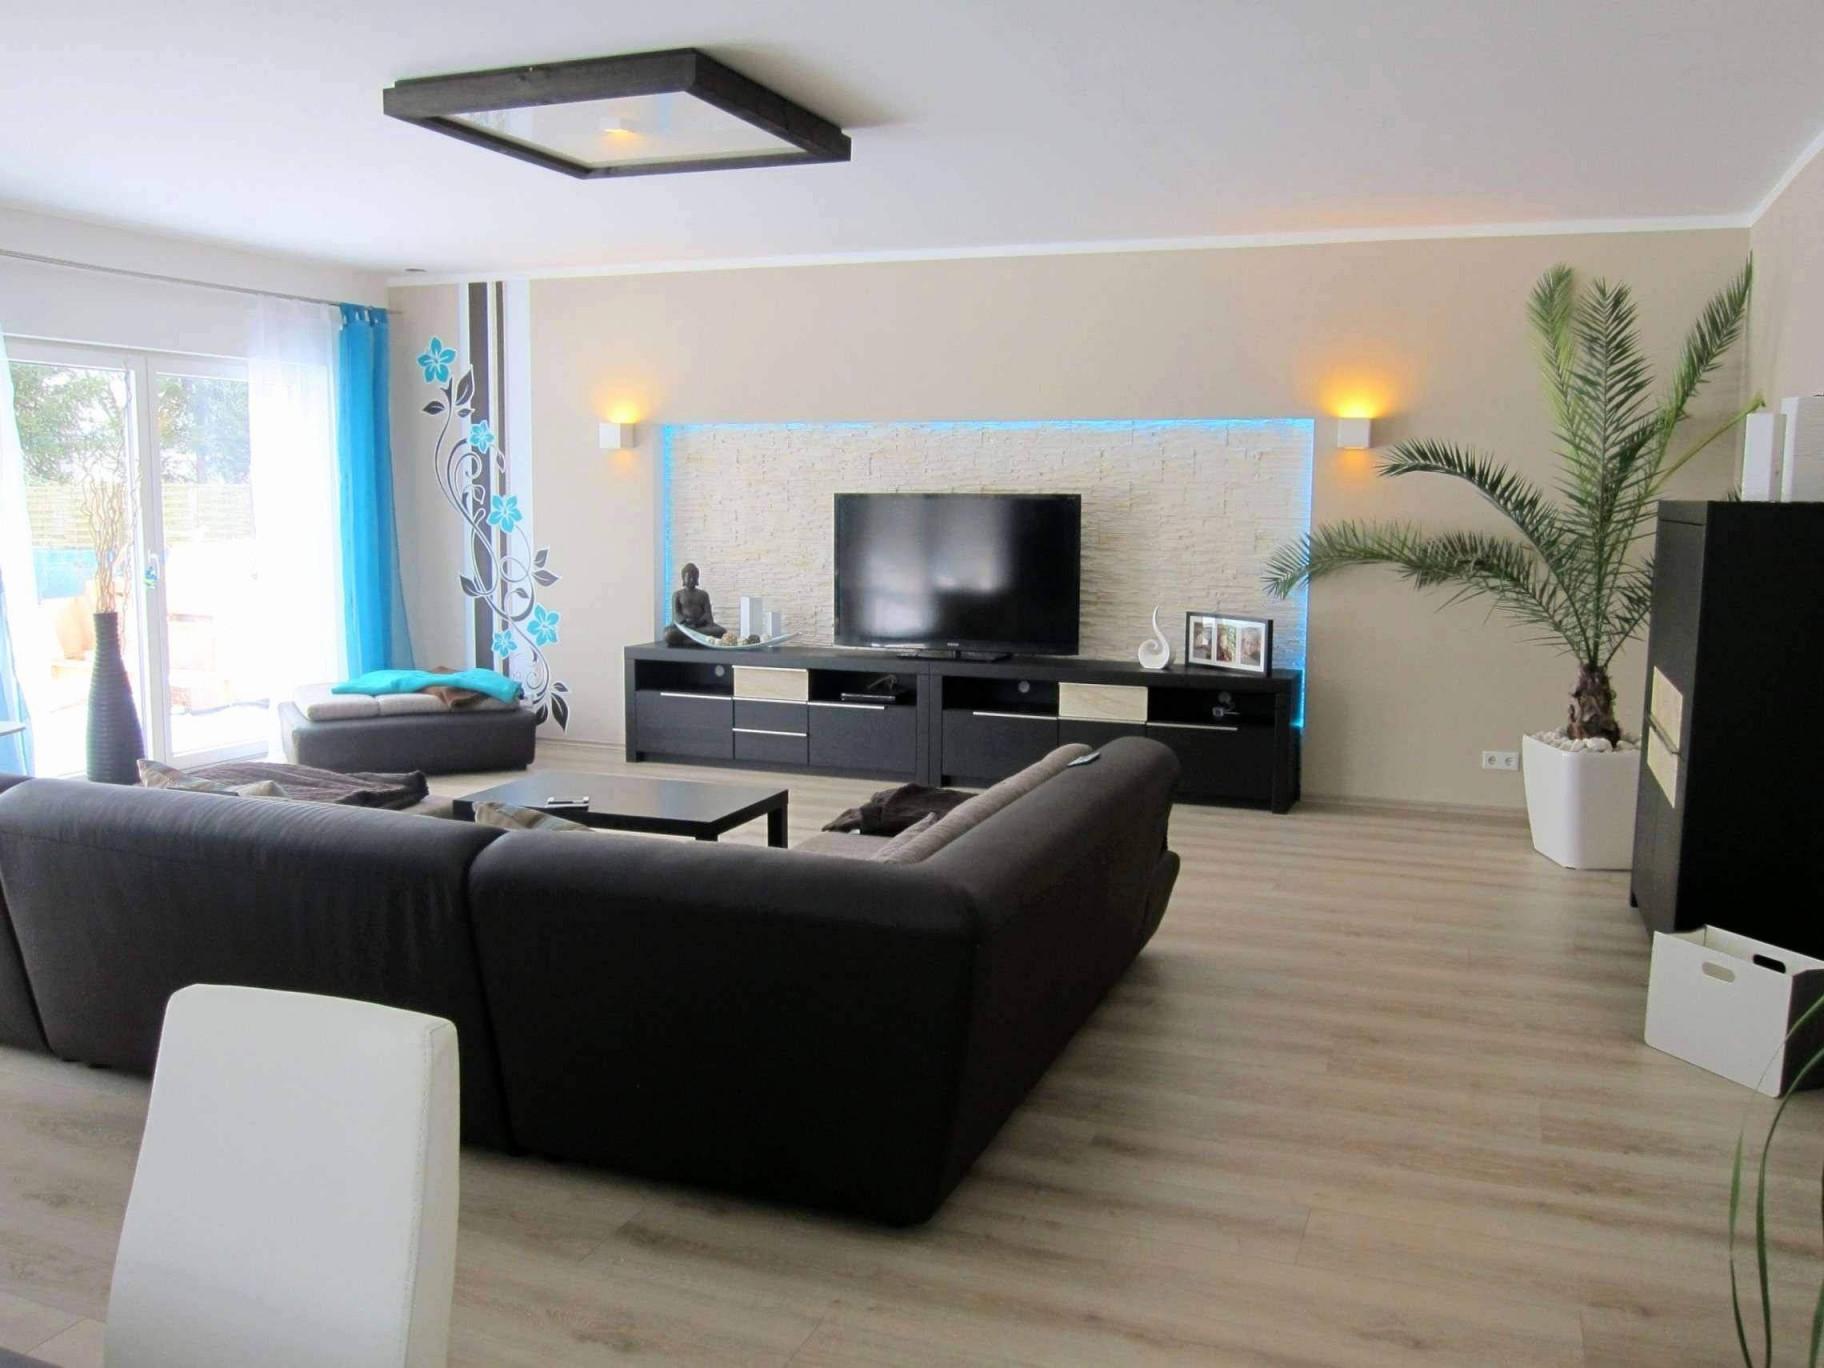 29 Luxus Wohnzimmer Einrichten Ideen Genial  Wohnzimmer Frisch von Ideen Wohnzimmer Einrichten Bild